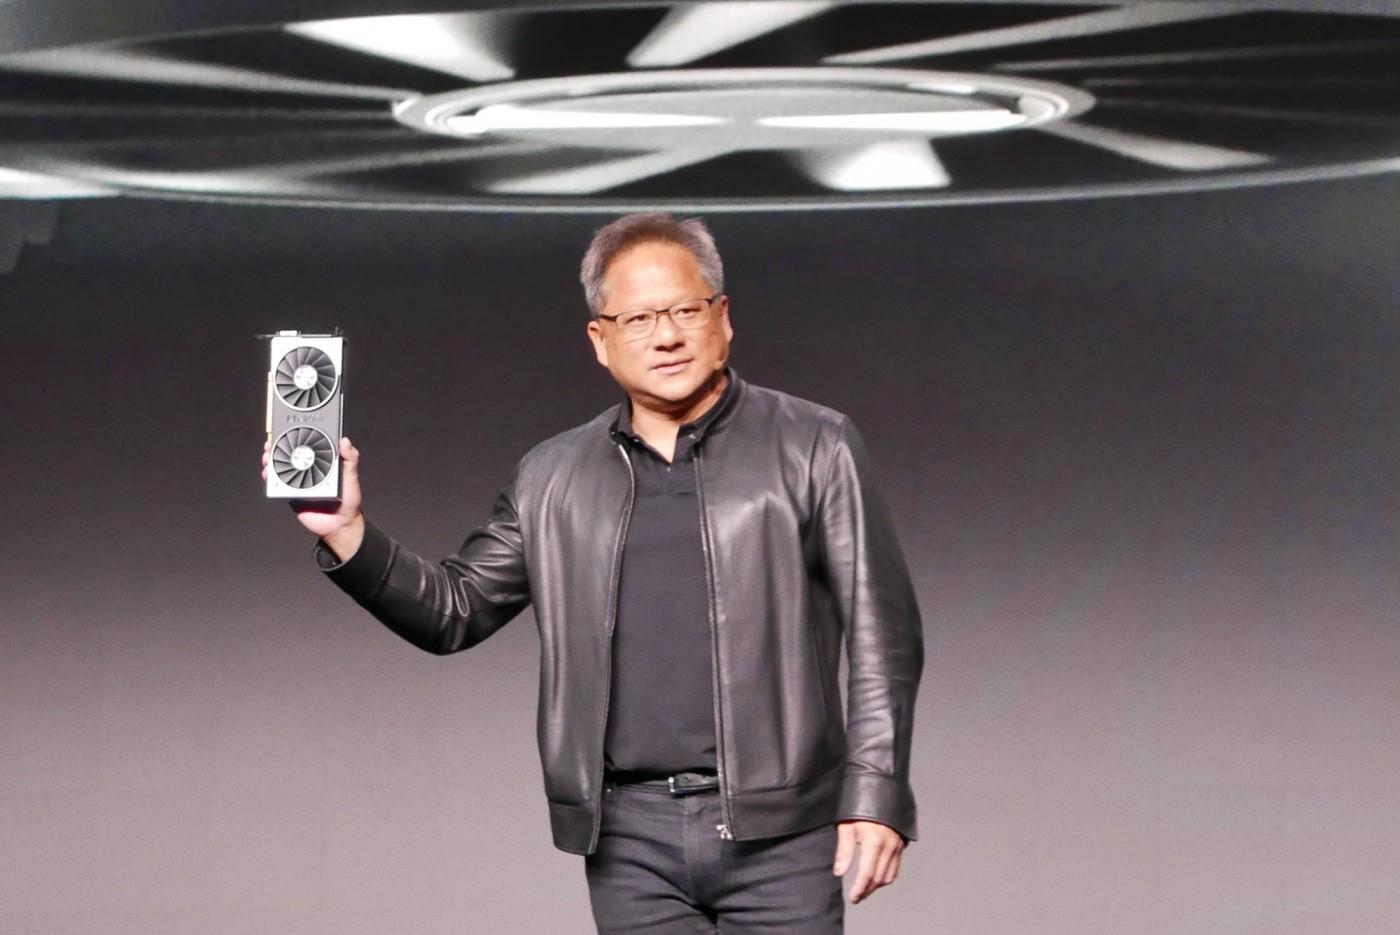 高通表明反對Nvidia、arm結親!籲政府補貼、不排除下單英特爾,半導體晶片業者自救超忙